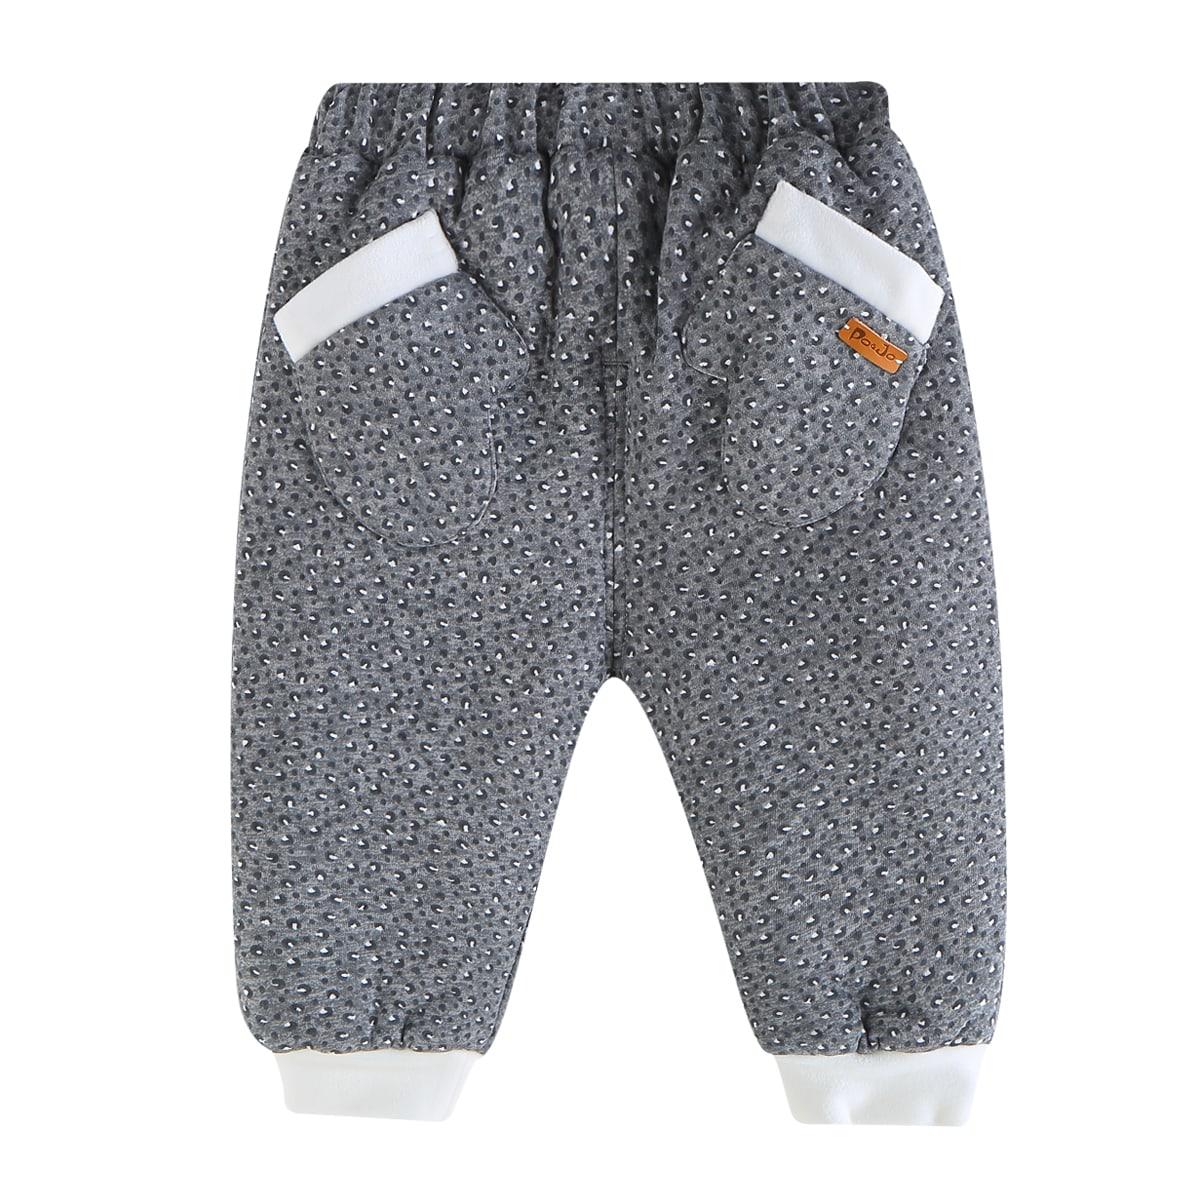 Карман принт повседневный брюки для мальчиков